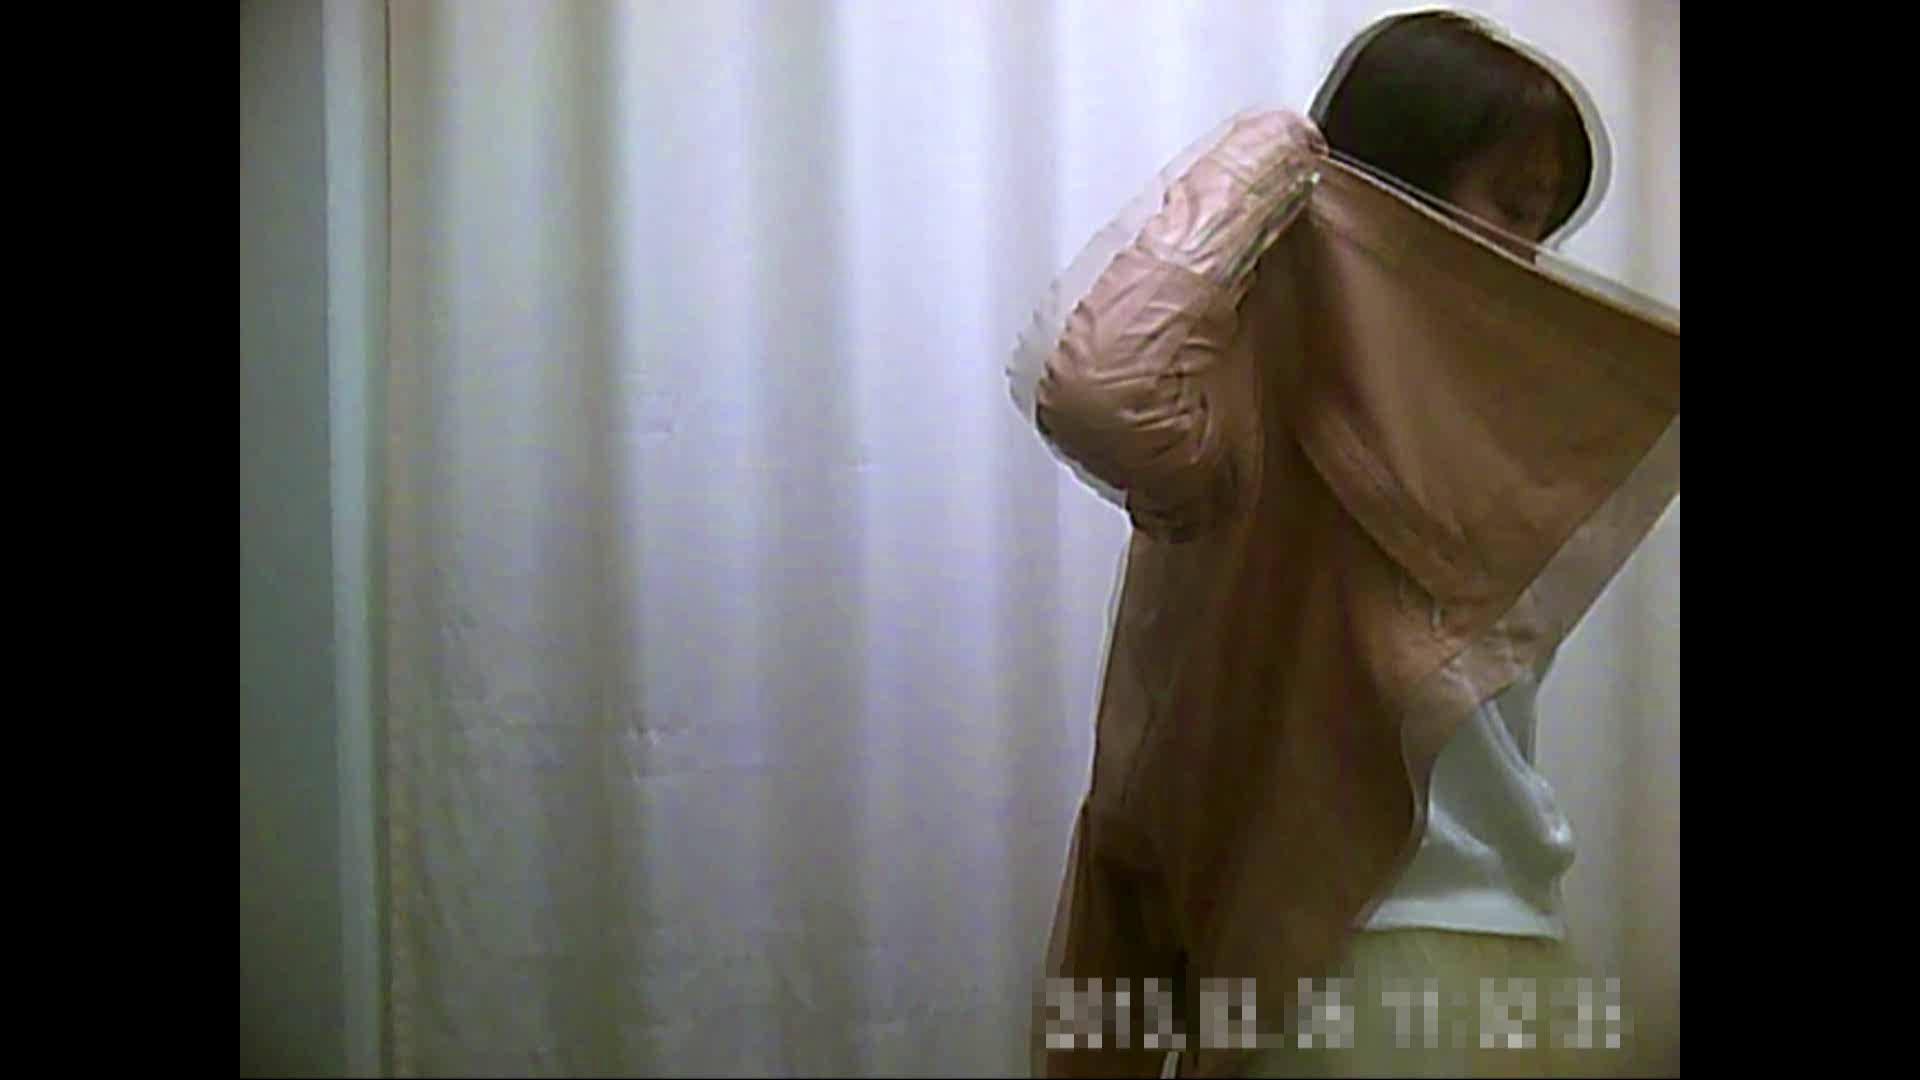 元医者による反抗 更衣室地獄絵巻 vol.100 OLの実態  28pic 16